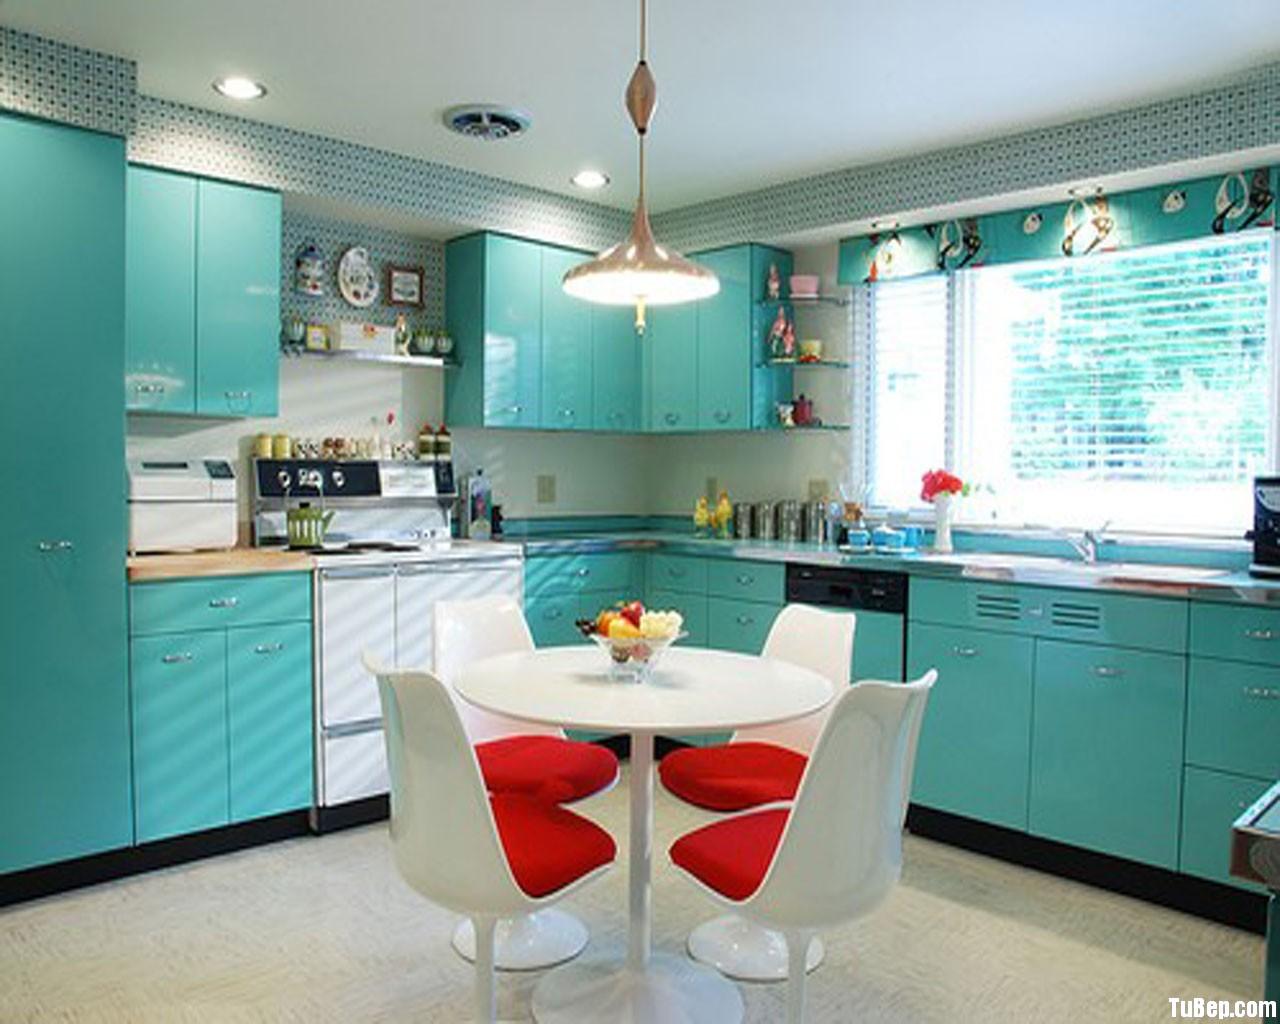 ceae207e35e 2409.jpg Tủ bếp gỗ Laminate màu xanh – TVB786